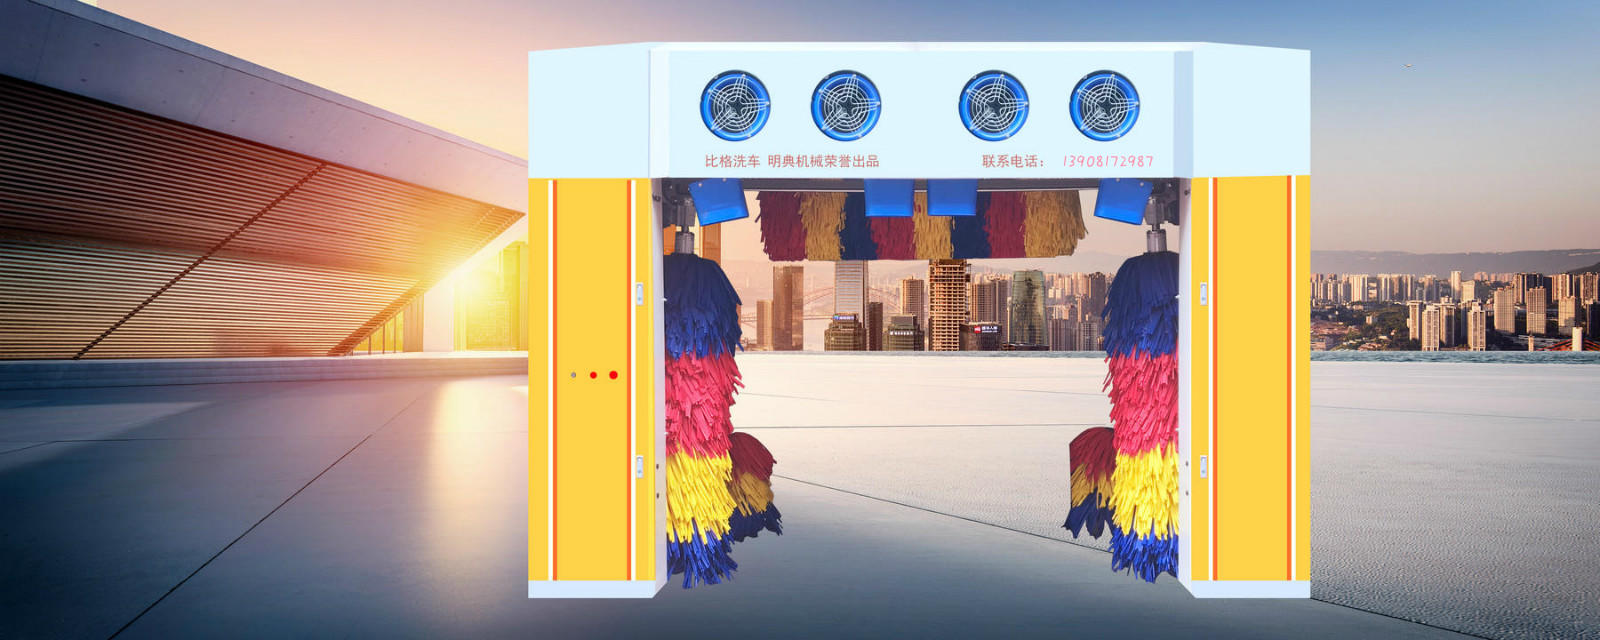 比格自动洗车机设备什么是真正安全的洗车设备